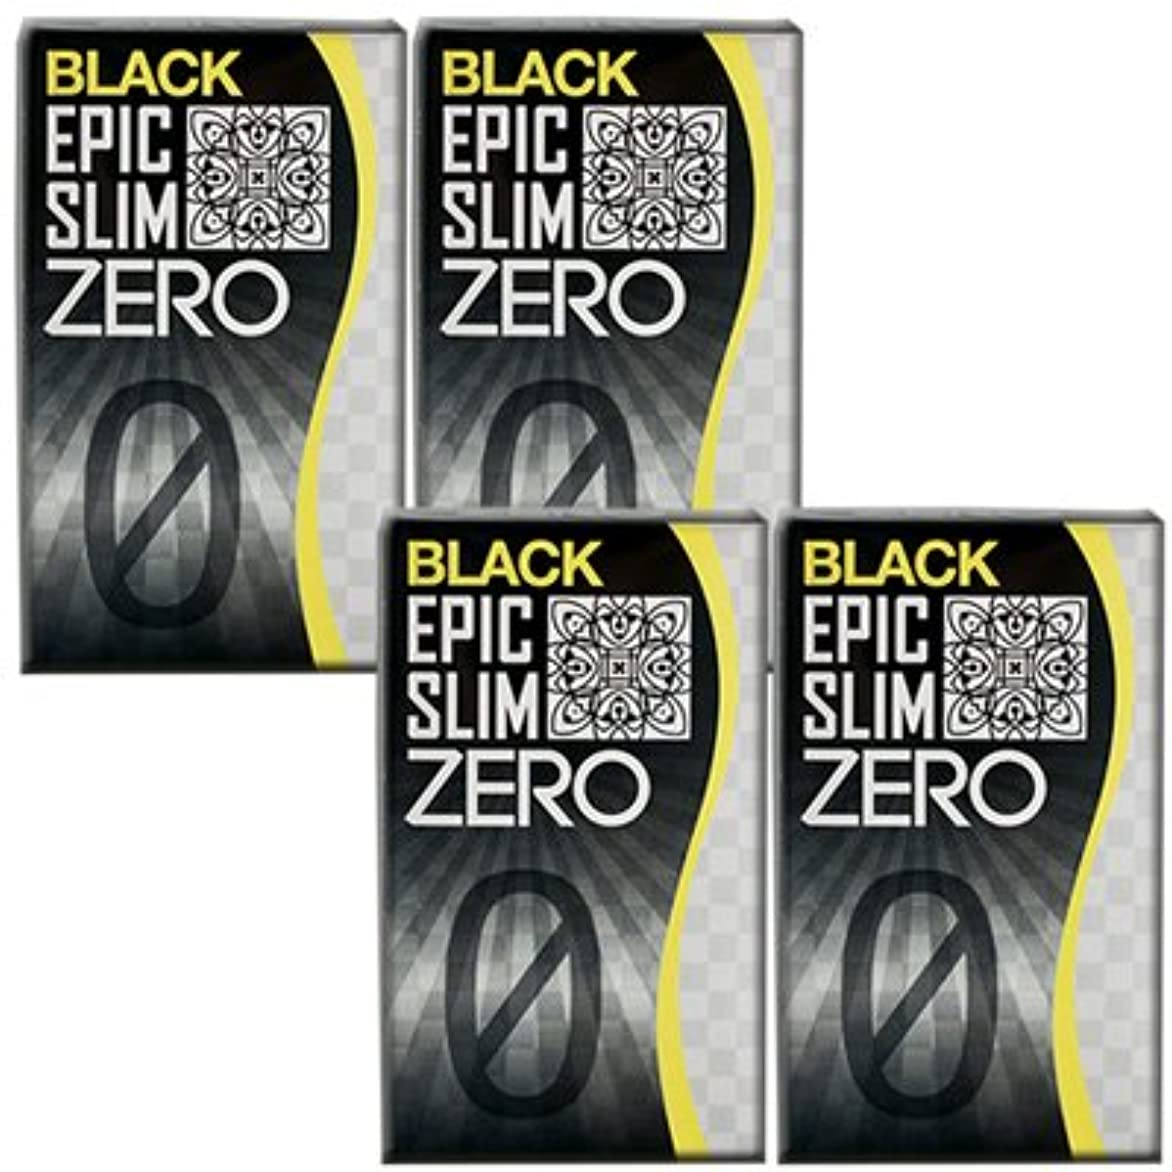 家具サドル窒素ブラック エピックスリム ゼロ ブラック 4個セット!  Epic Slim ZERO BLACK ×4個